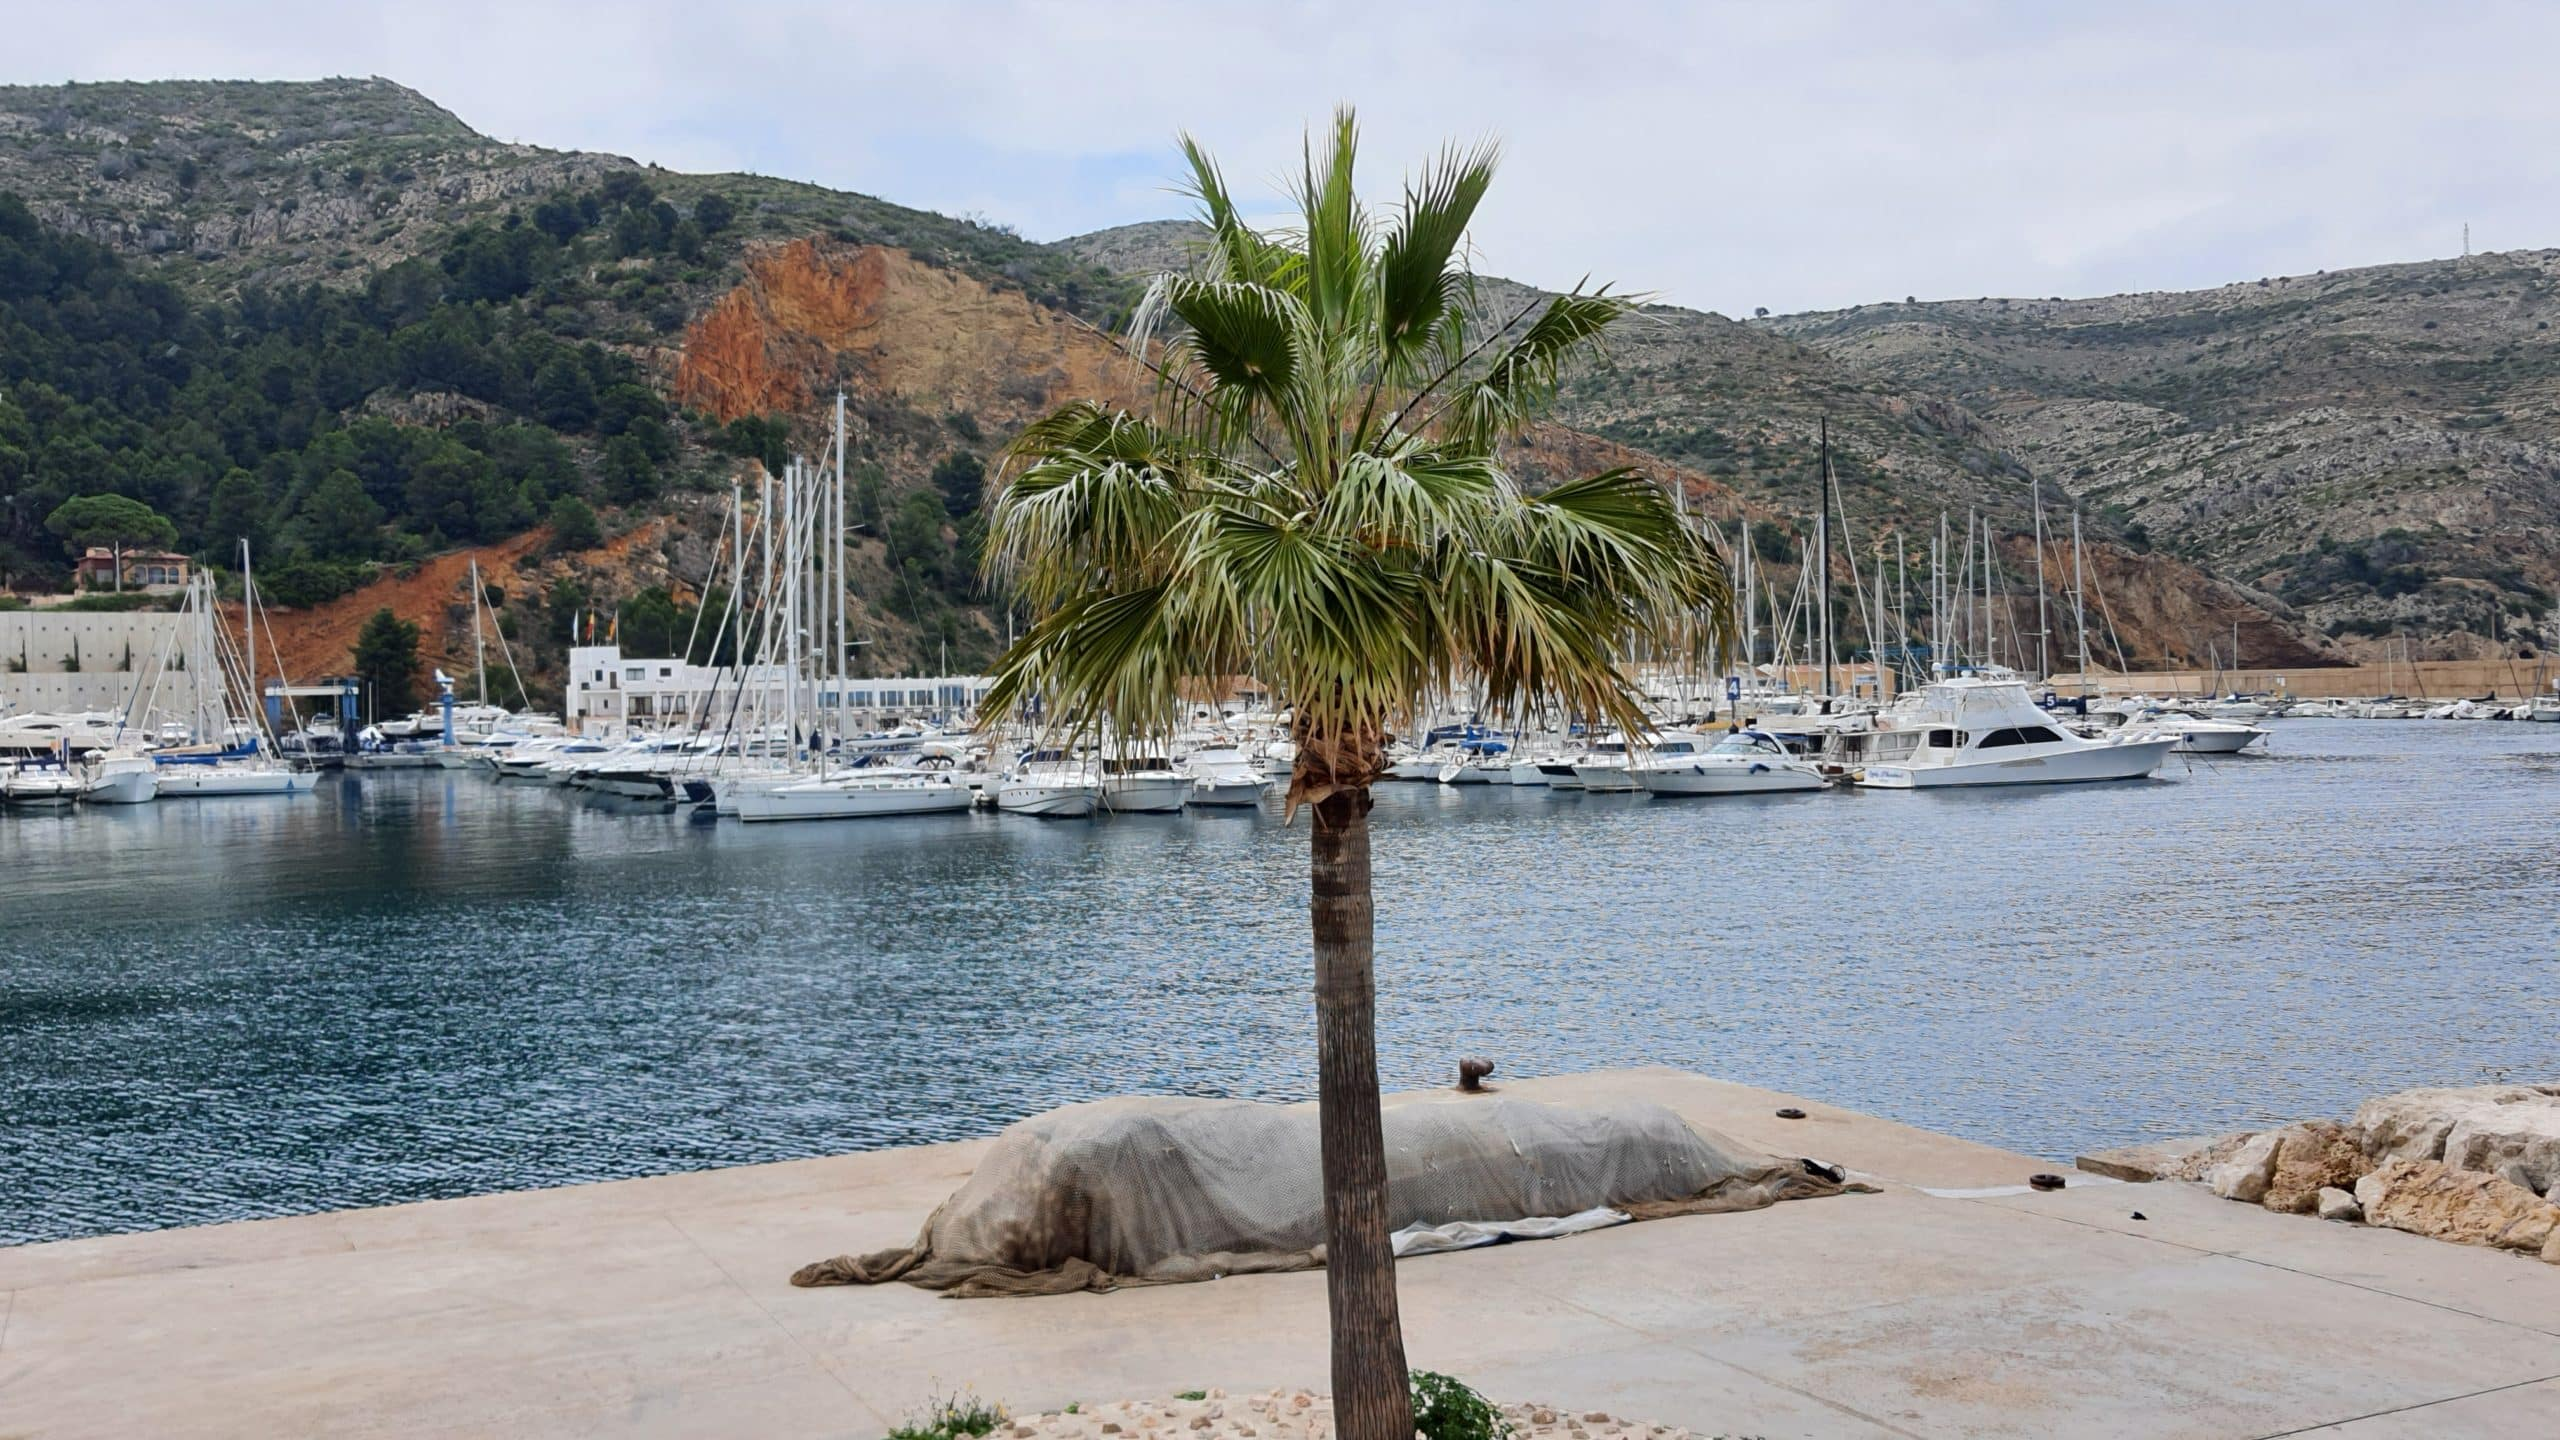 The Port (Duanes de la Mar)